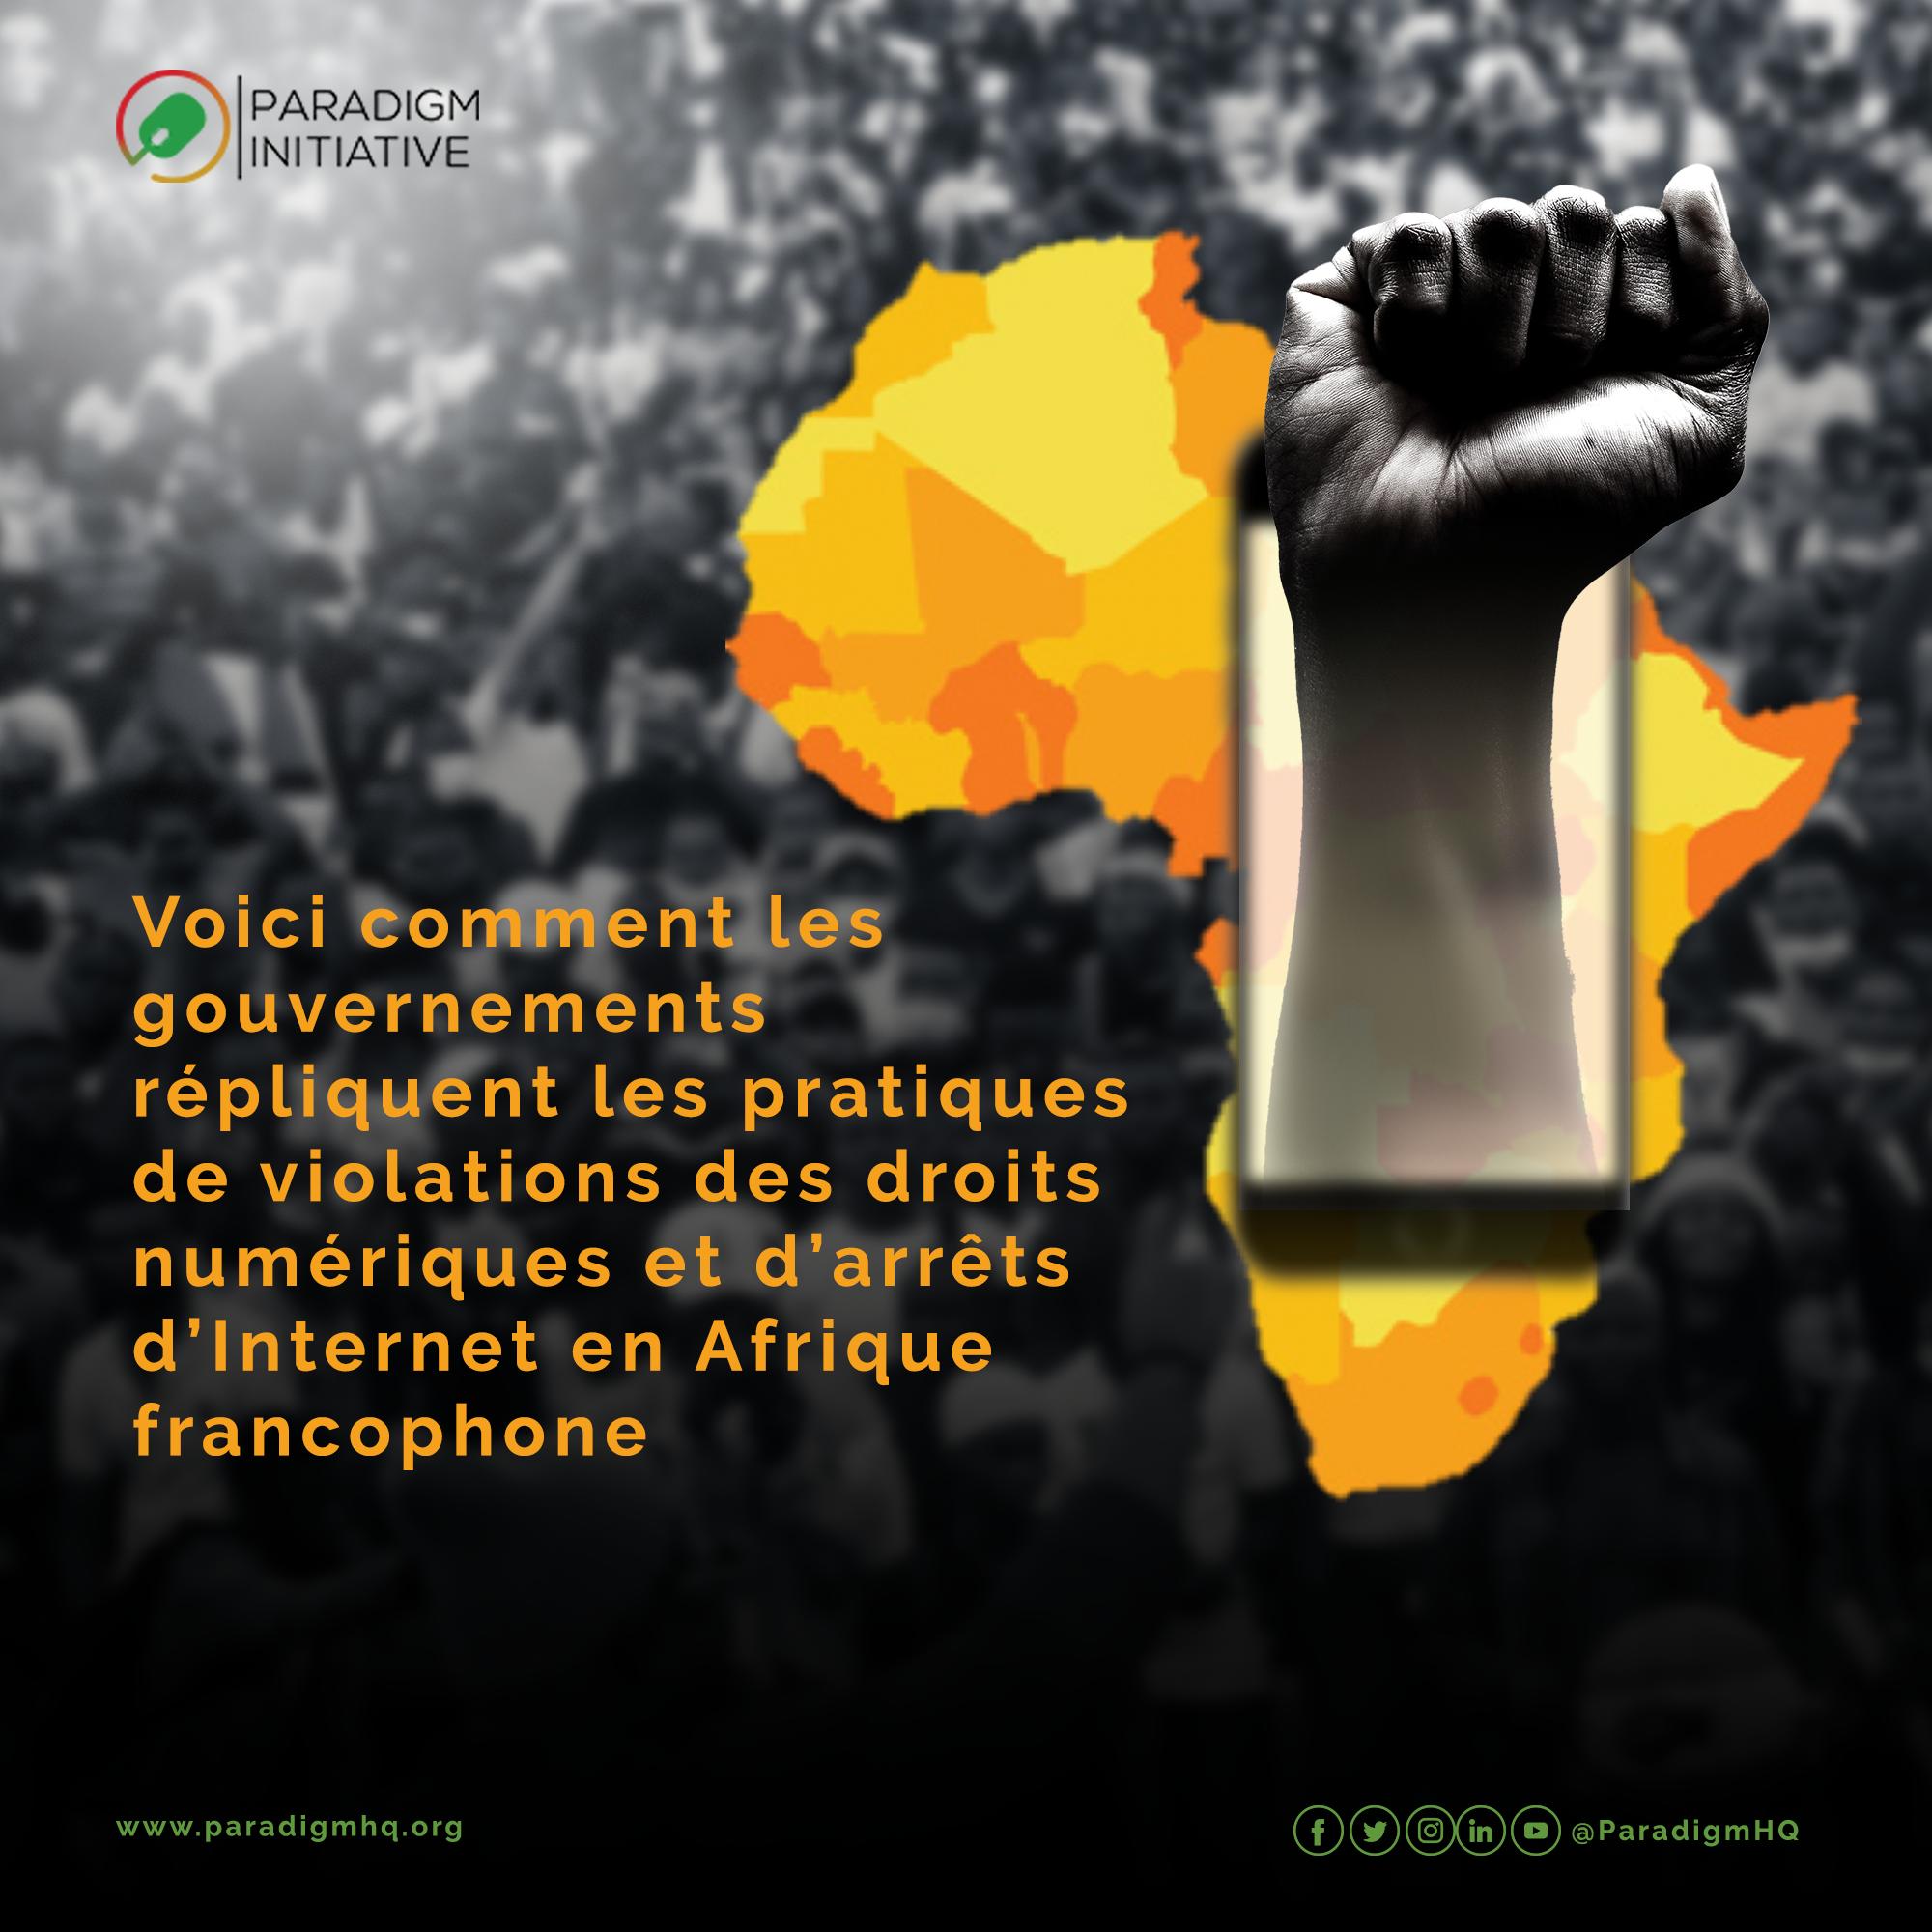 Voici comment les gouvernements répliquent les pratiques de violations des droits numériques et d'arrêts d'Internet en Afrique francophone.